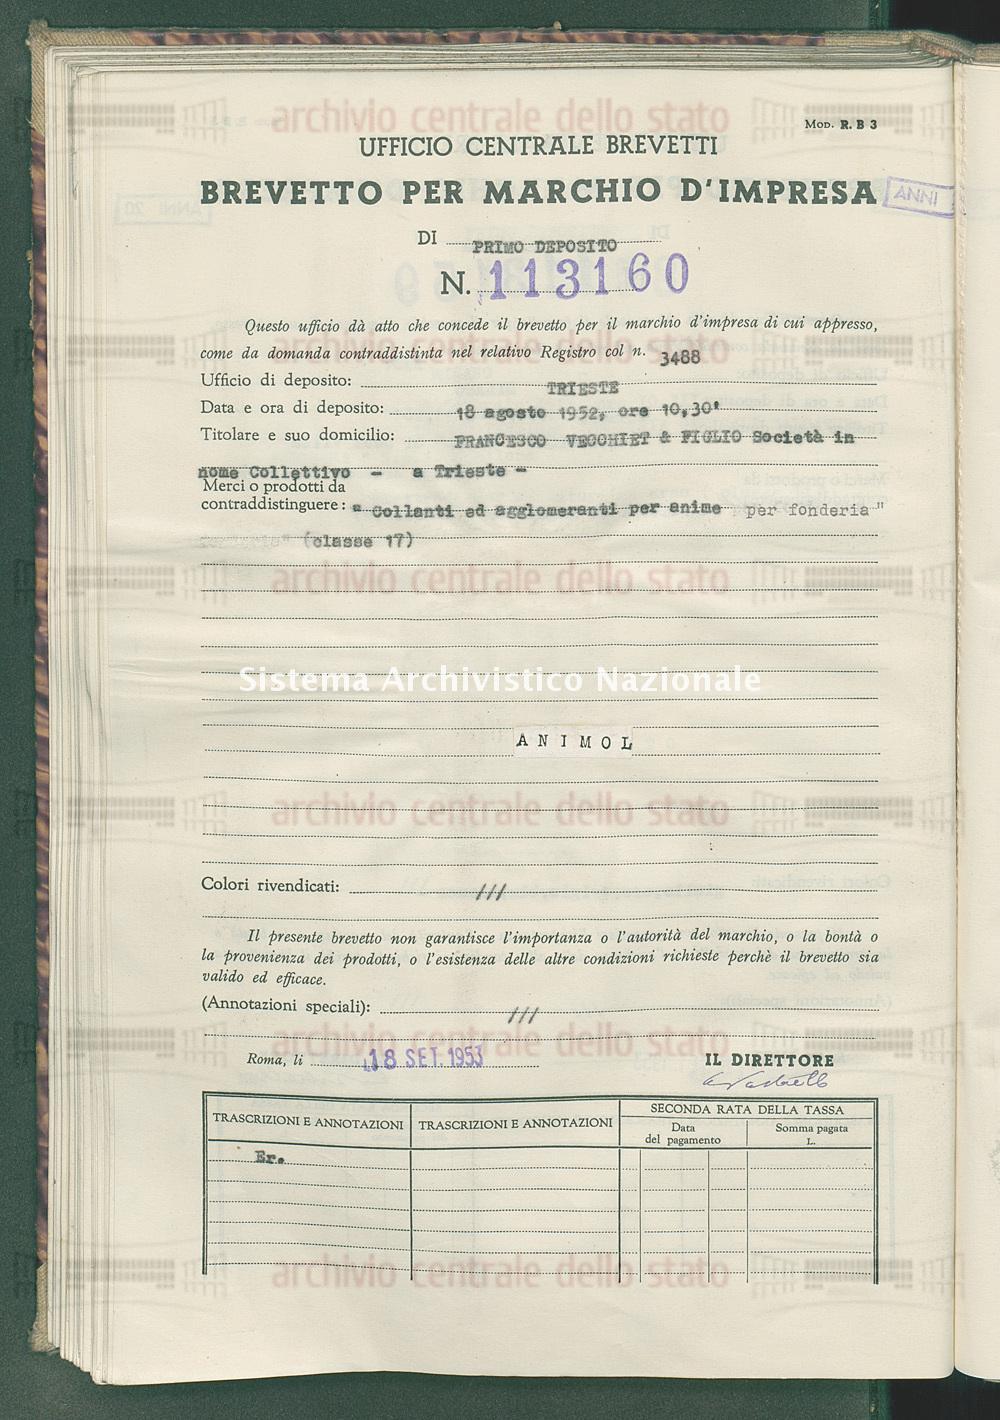 'Collanti ad agglomerati per anime per fonderia' Francesco Vecchiet & Figlio Societa' In Nome Collettivo (18/09/1953)